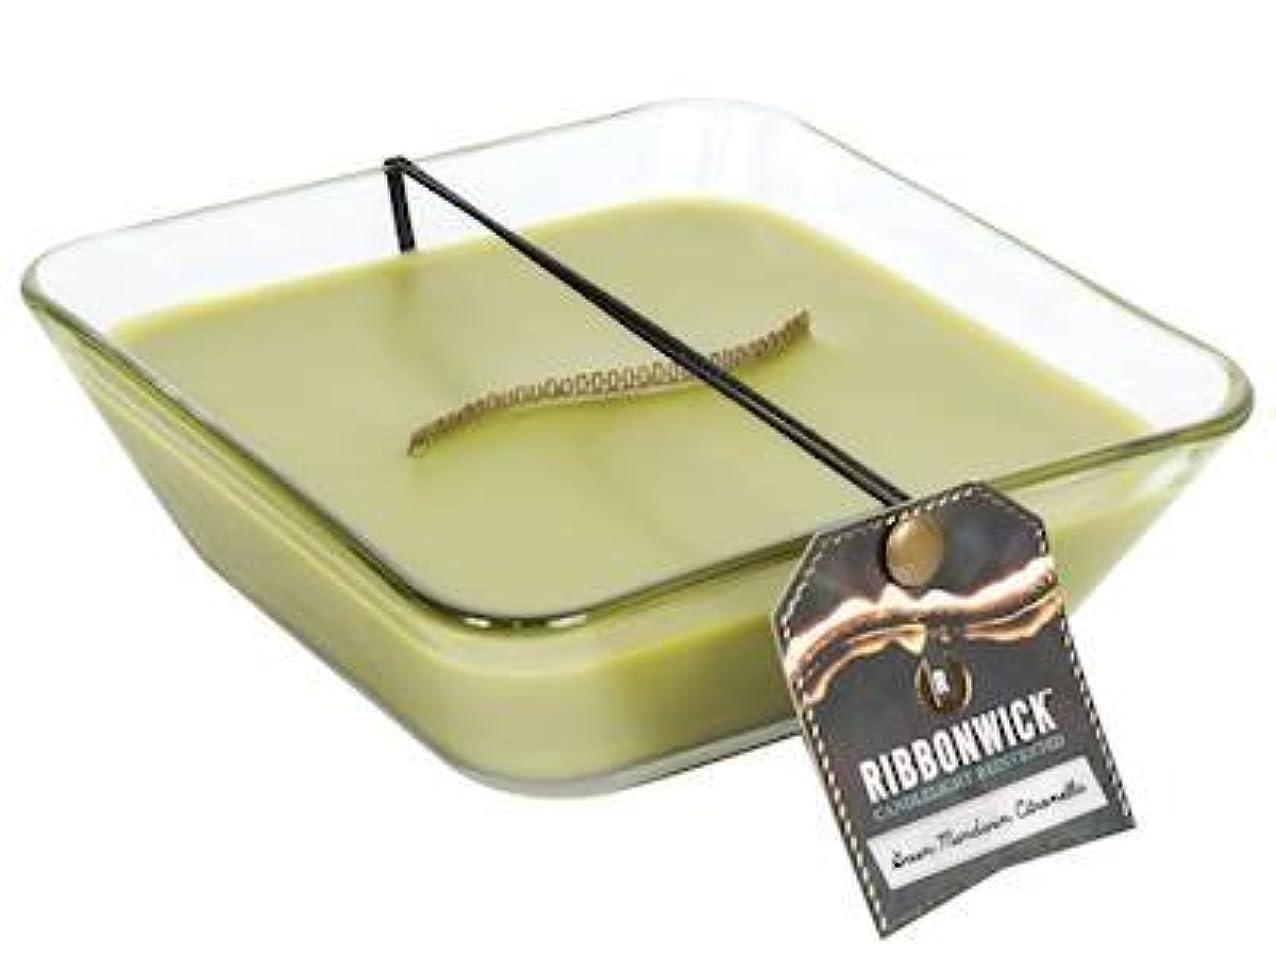 感心する流す捕虜グリーンマンダリンシトロネラ装飾ガラスMedium RibbonWick Scented Candle – アウトドアコレクション